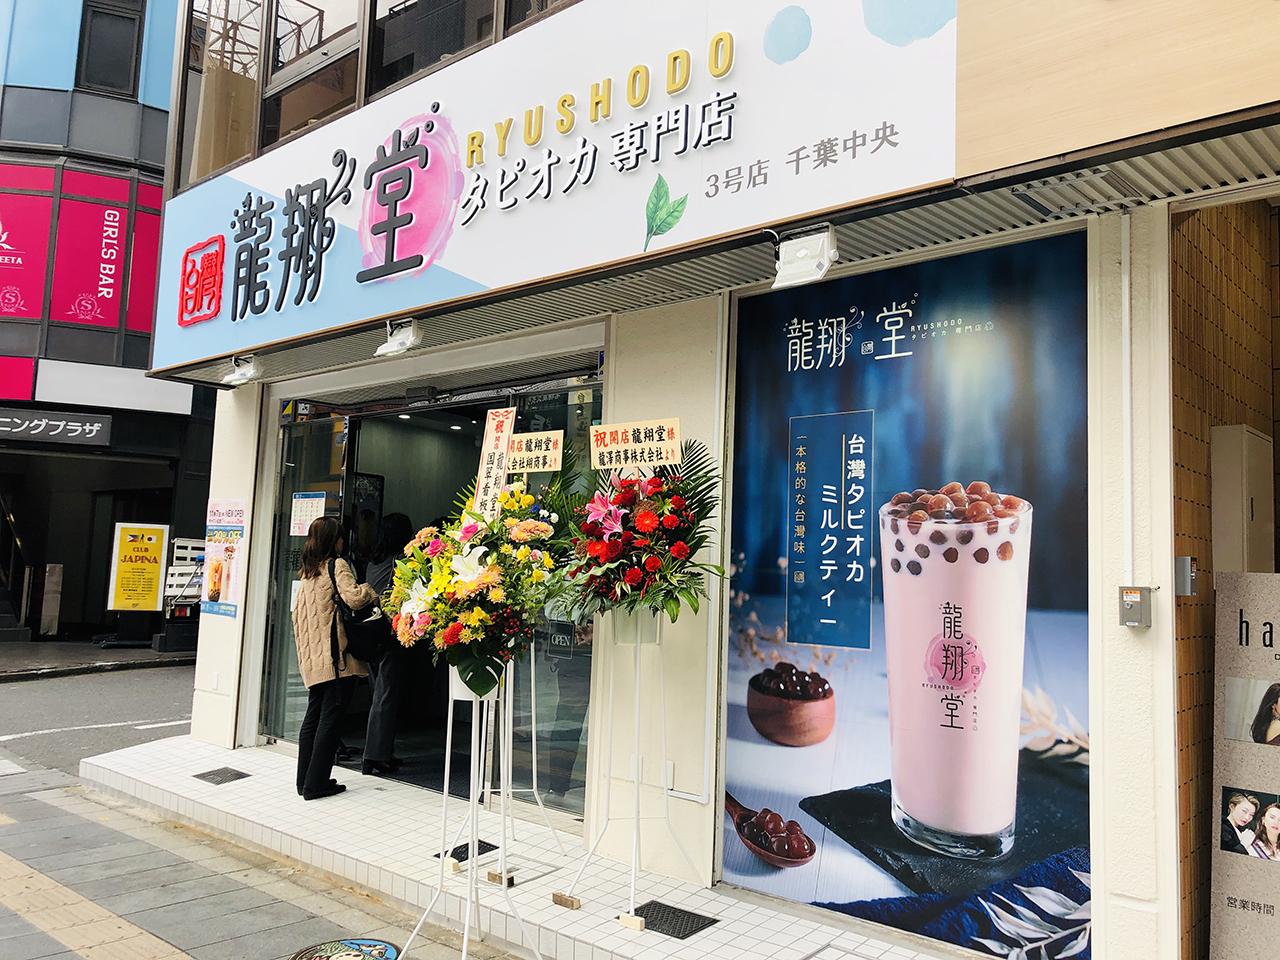 台湾タピオカ専門店 龍翔堂 千葉中央店 の画像